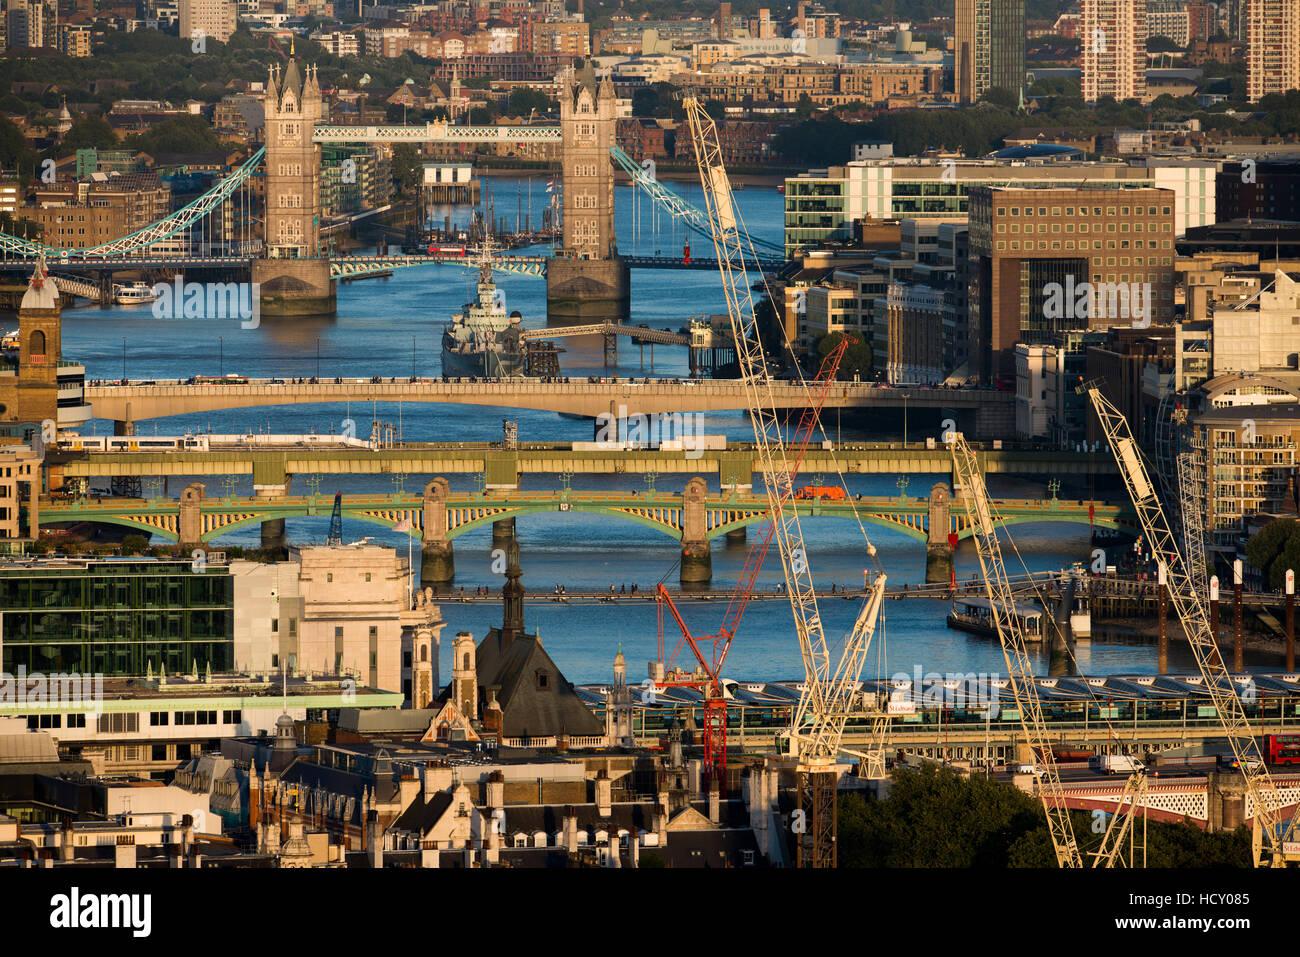 Une vue de la Tamise et du Tower Bridge à partir du haut de Centre Point tower, London, UK Photo Stock